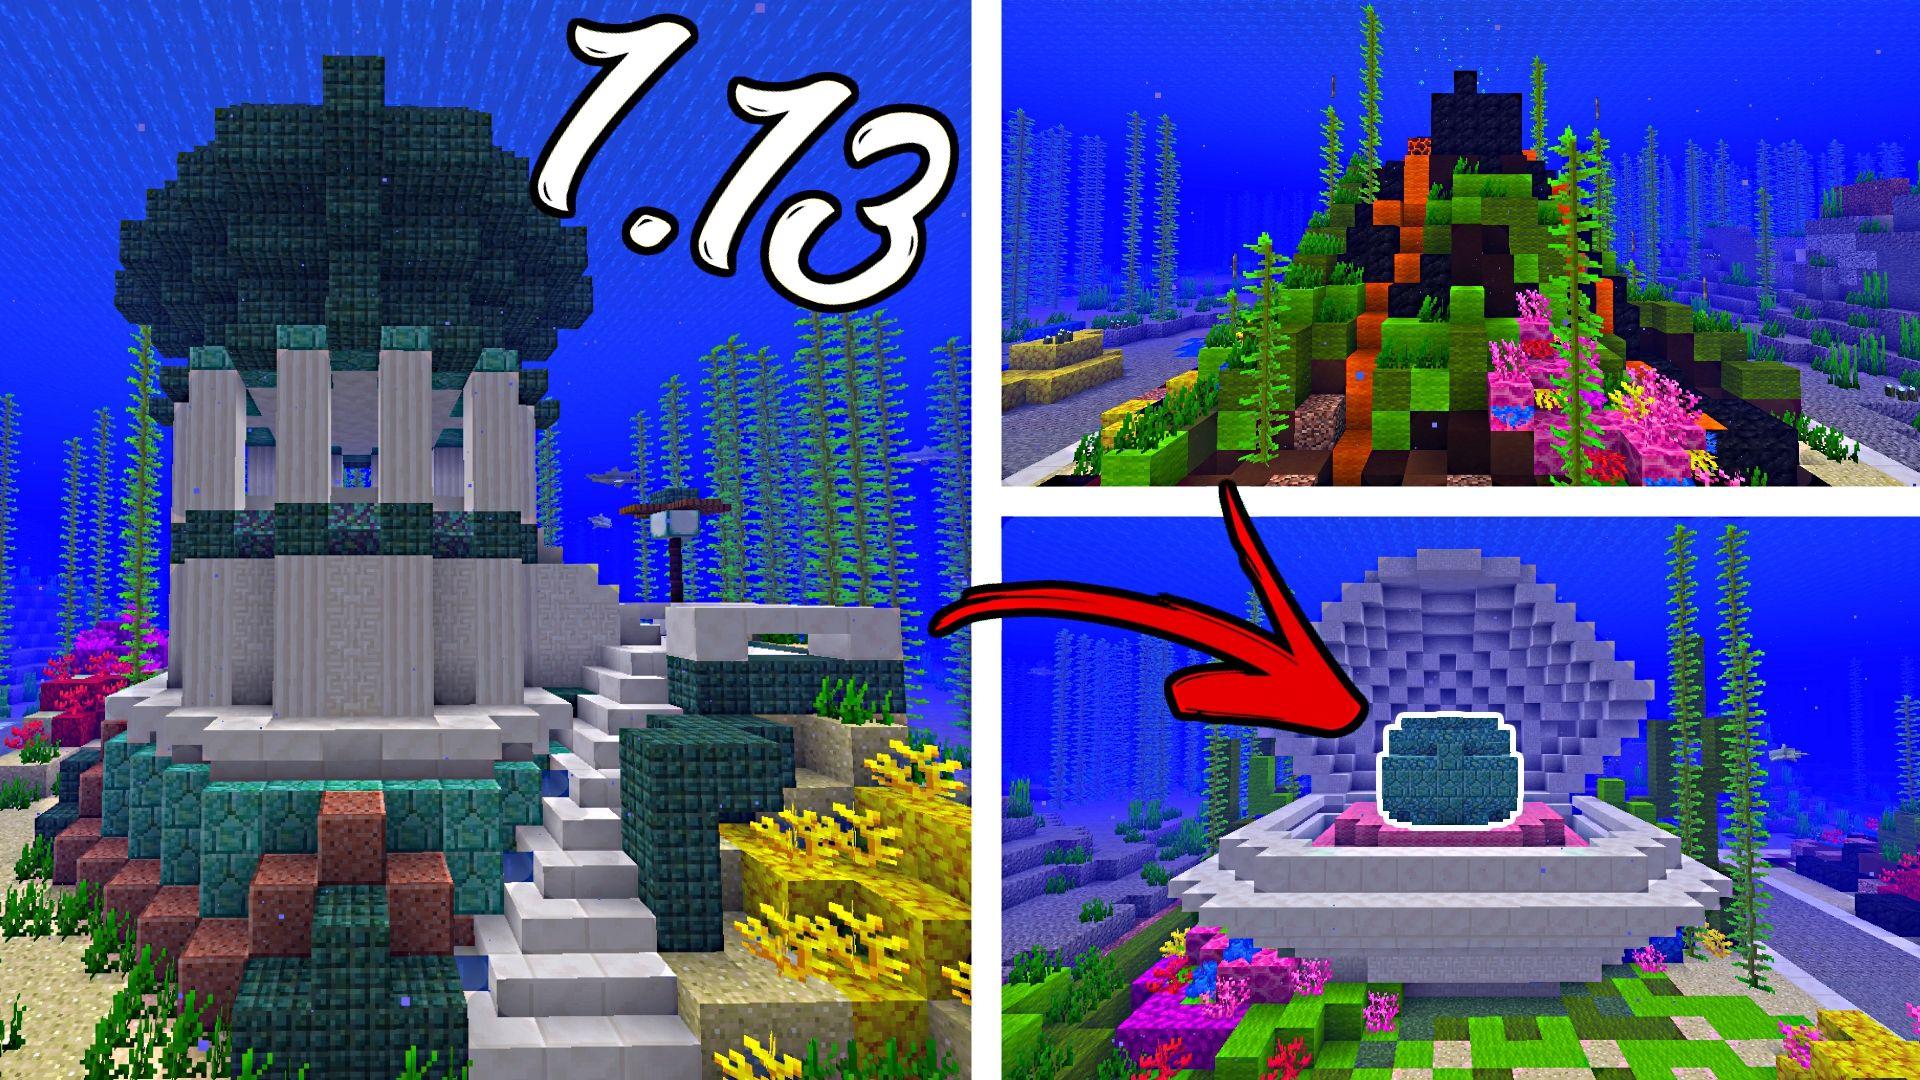 Minecraft Conduit Designs New 1 13 Aquatic Update Item Minecraft Designs Minecraft Projects Minecraft